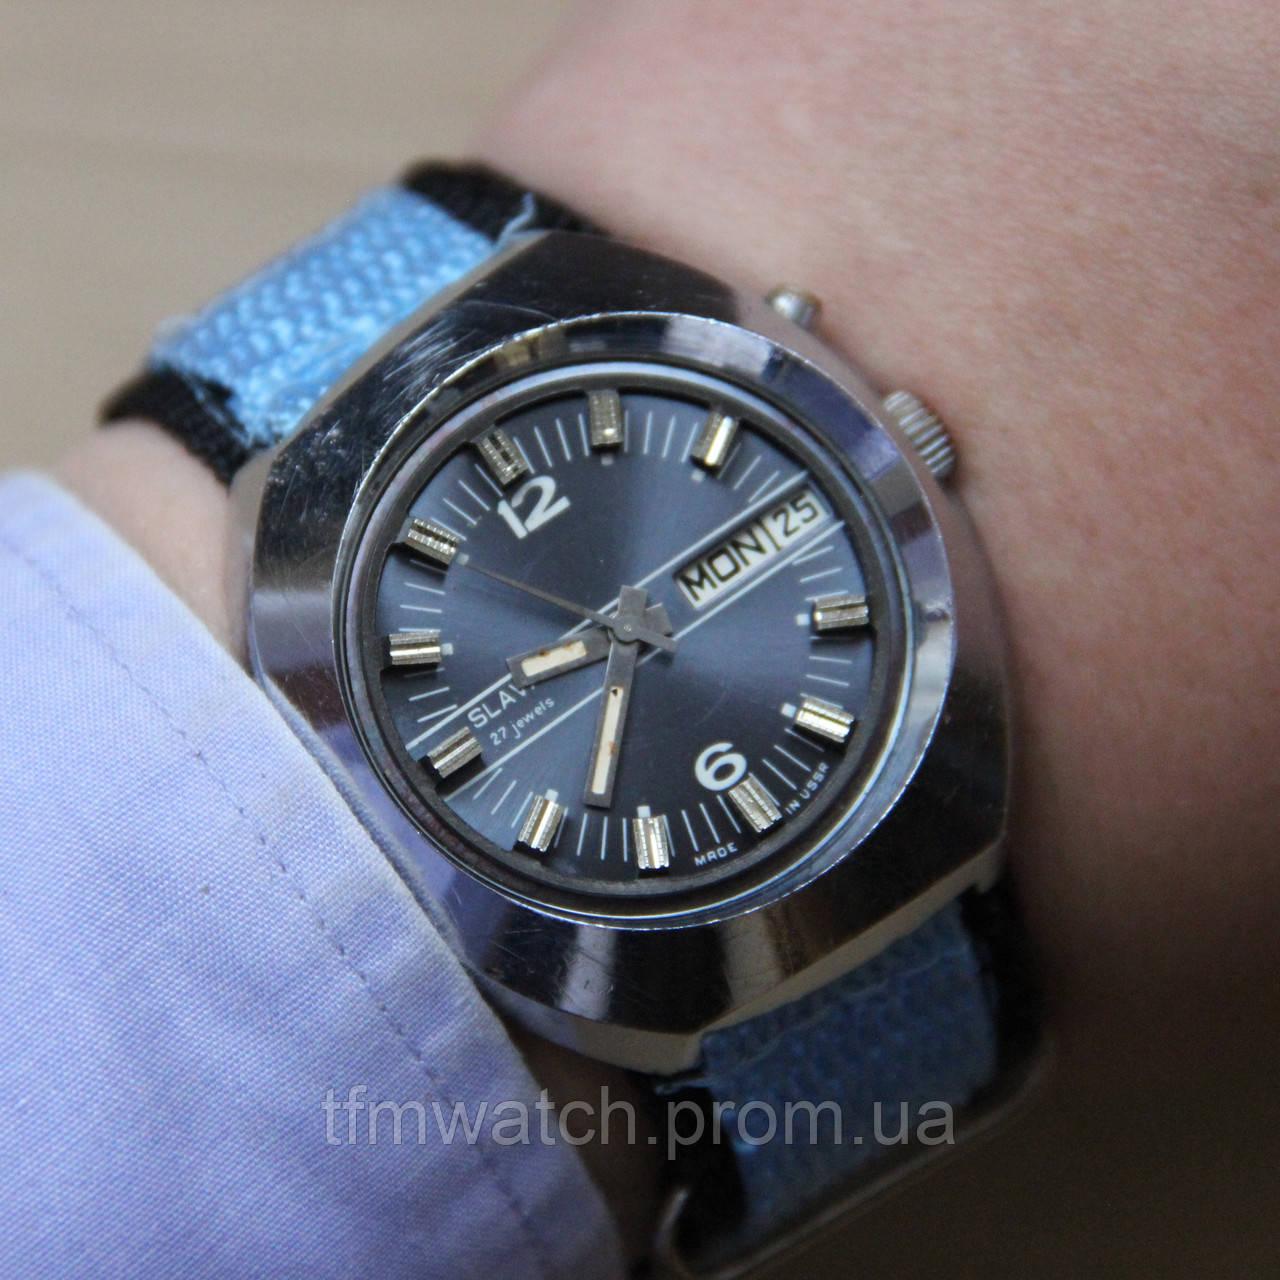 43ff3b543d98 Slava Слава автоподзавод наручные часы СССР - Магазин старинных, винтажных  и антикварных часов TFMwatch в